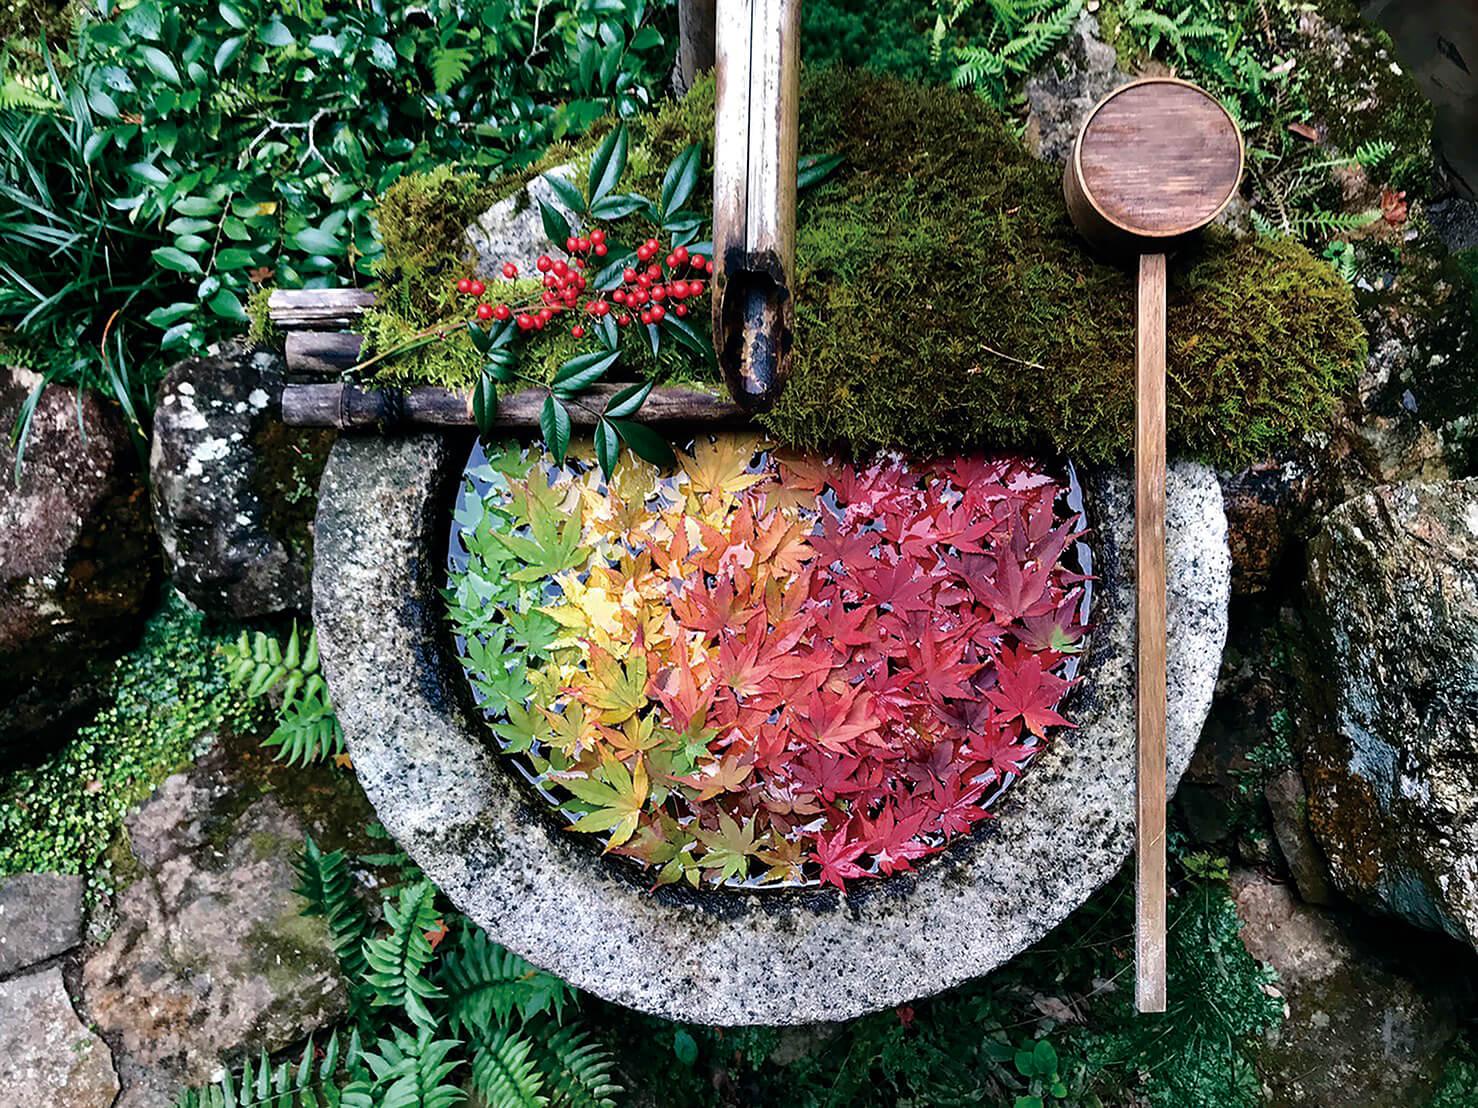 京都 柳谷観音 紅葉ウイーク Kyoto Sightseeing autumn colors 2